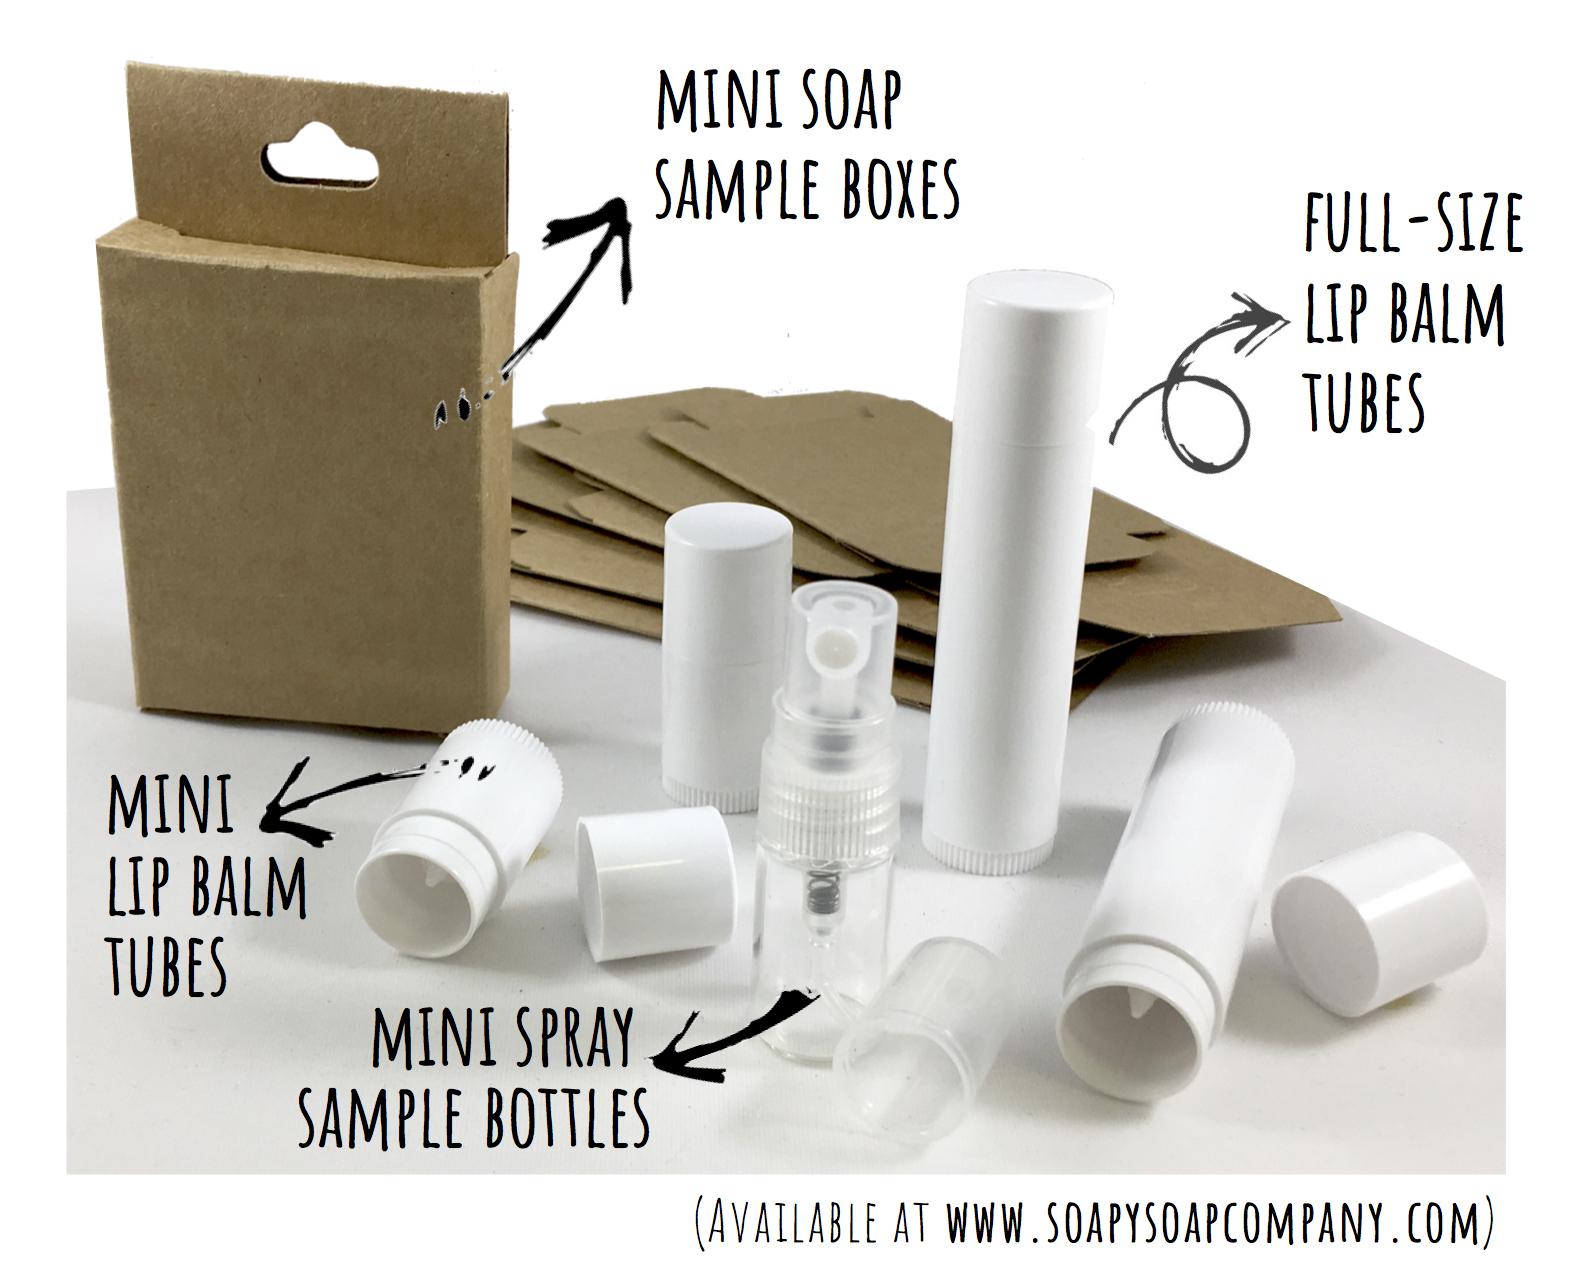 Mini Soap Sample Boxes